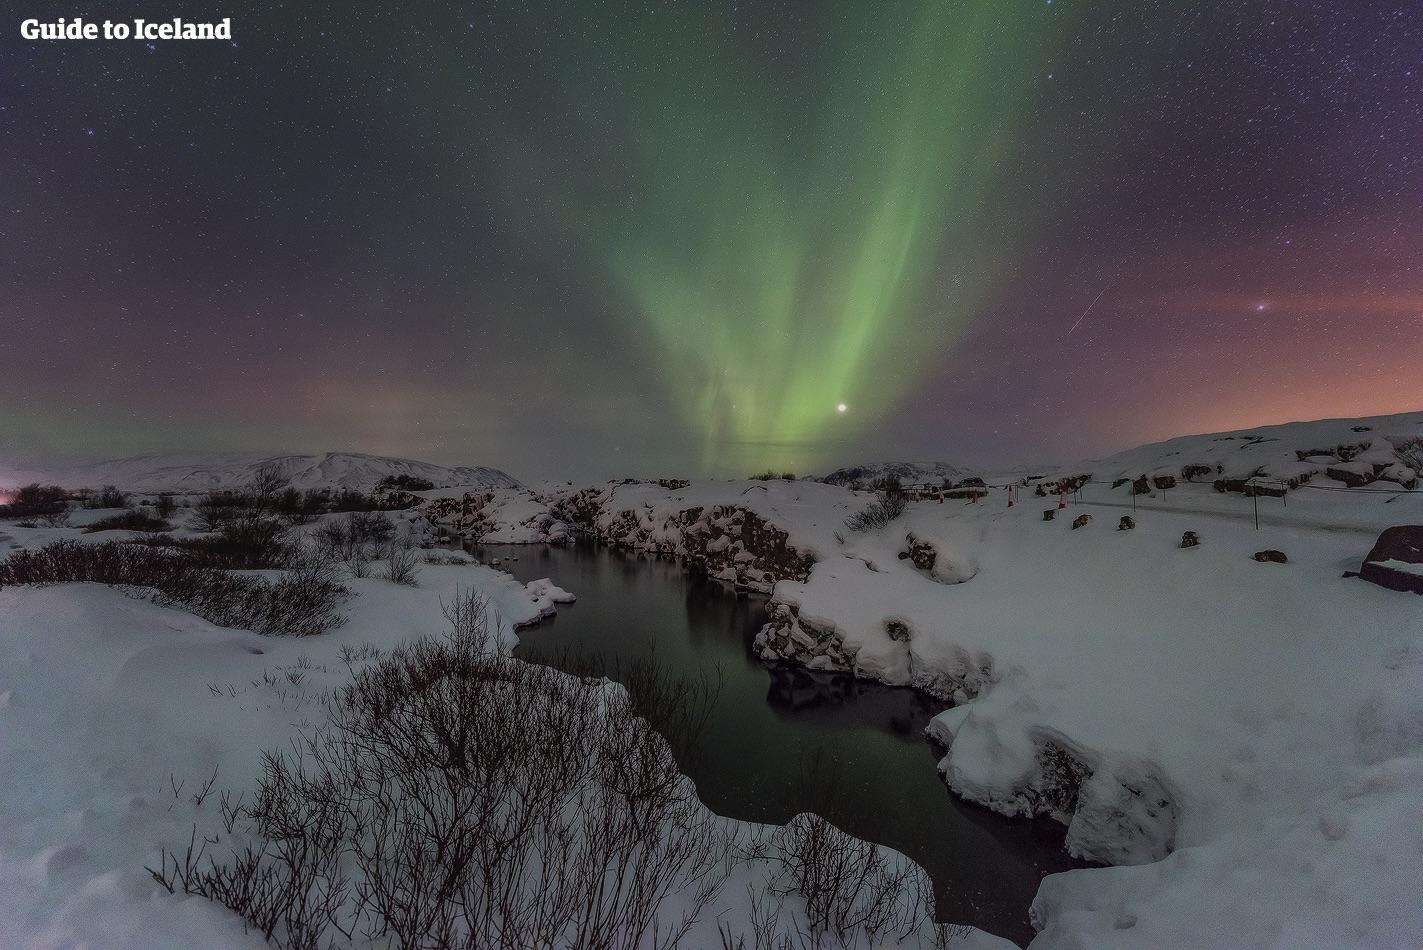 Þingvellir is een nationaal park dat deel uitmaakt van het UNESCO-werelderfgoed. Het is een geologisch wonderland en een geweldige plek om het noorderlicht te bekijken.